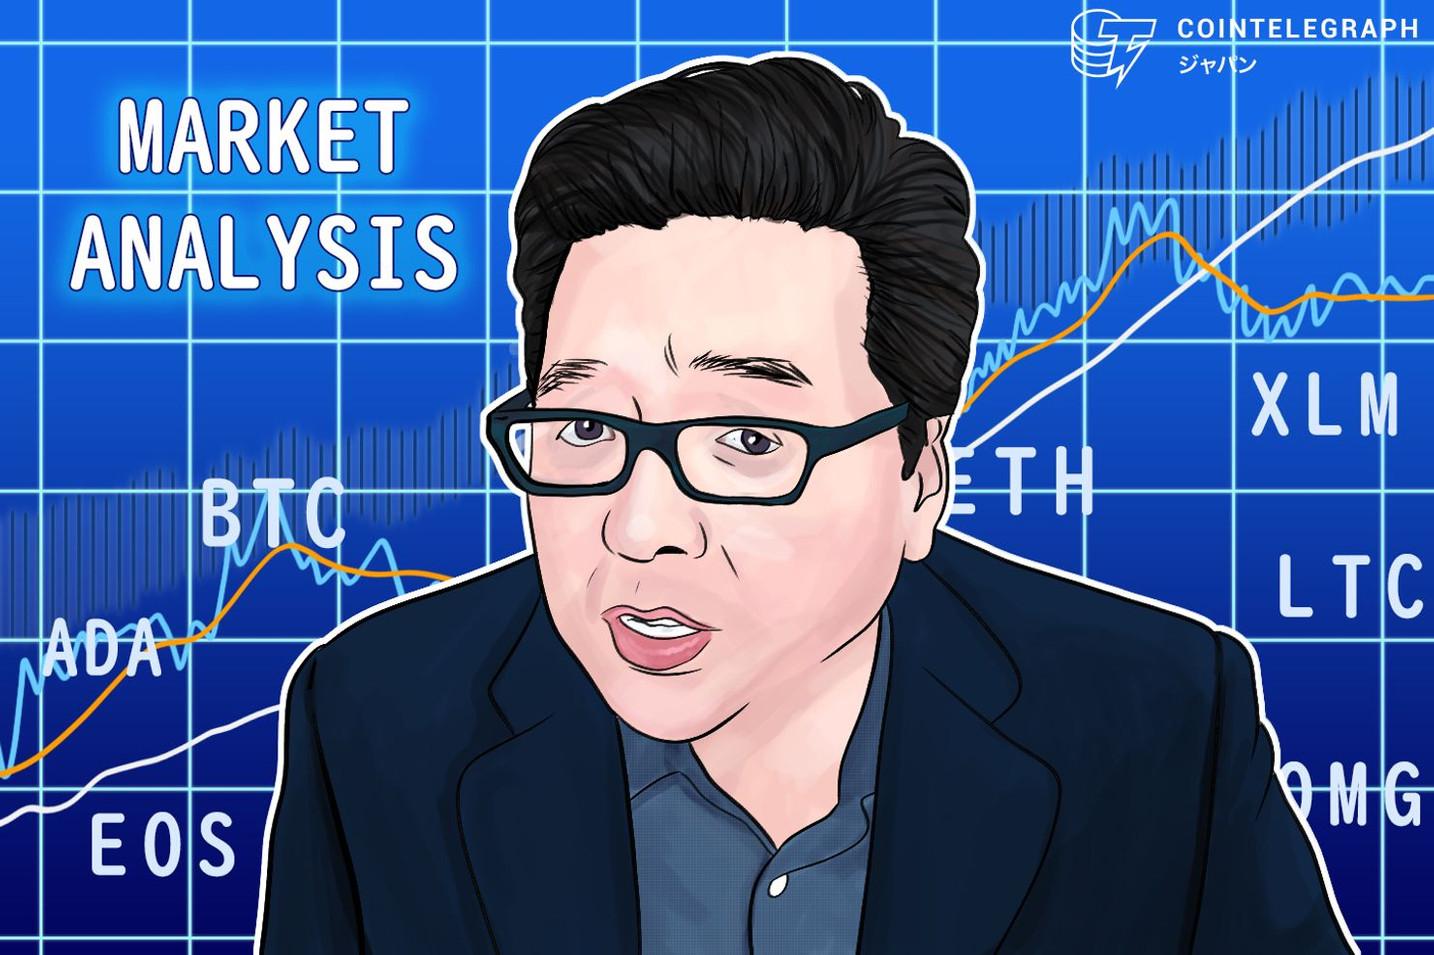 ビットコイン価格を予想する新たな指標?仮想通貨アナリストのトム・リー氏が解説